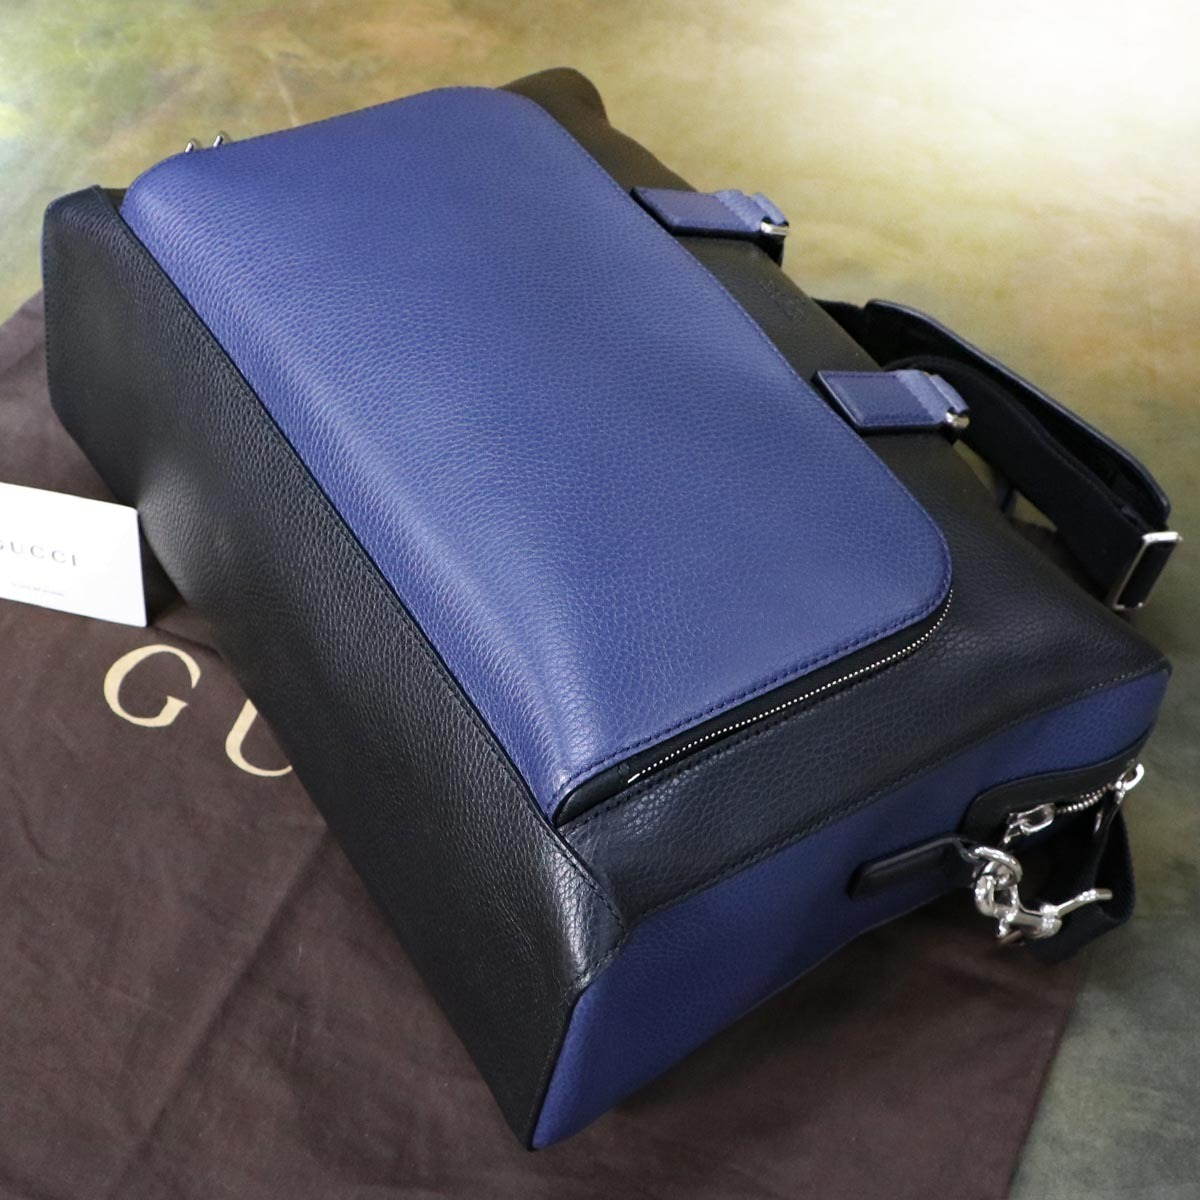 本物 極上品 グッチ 最高級トリヨンレザー コスモポリス 2WAYメンズビジネスバッグ A4書類ブリーフケース トートバッグ 袋 冊子付 GUCCI_画像4